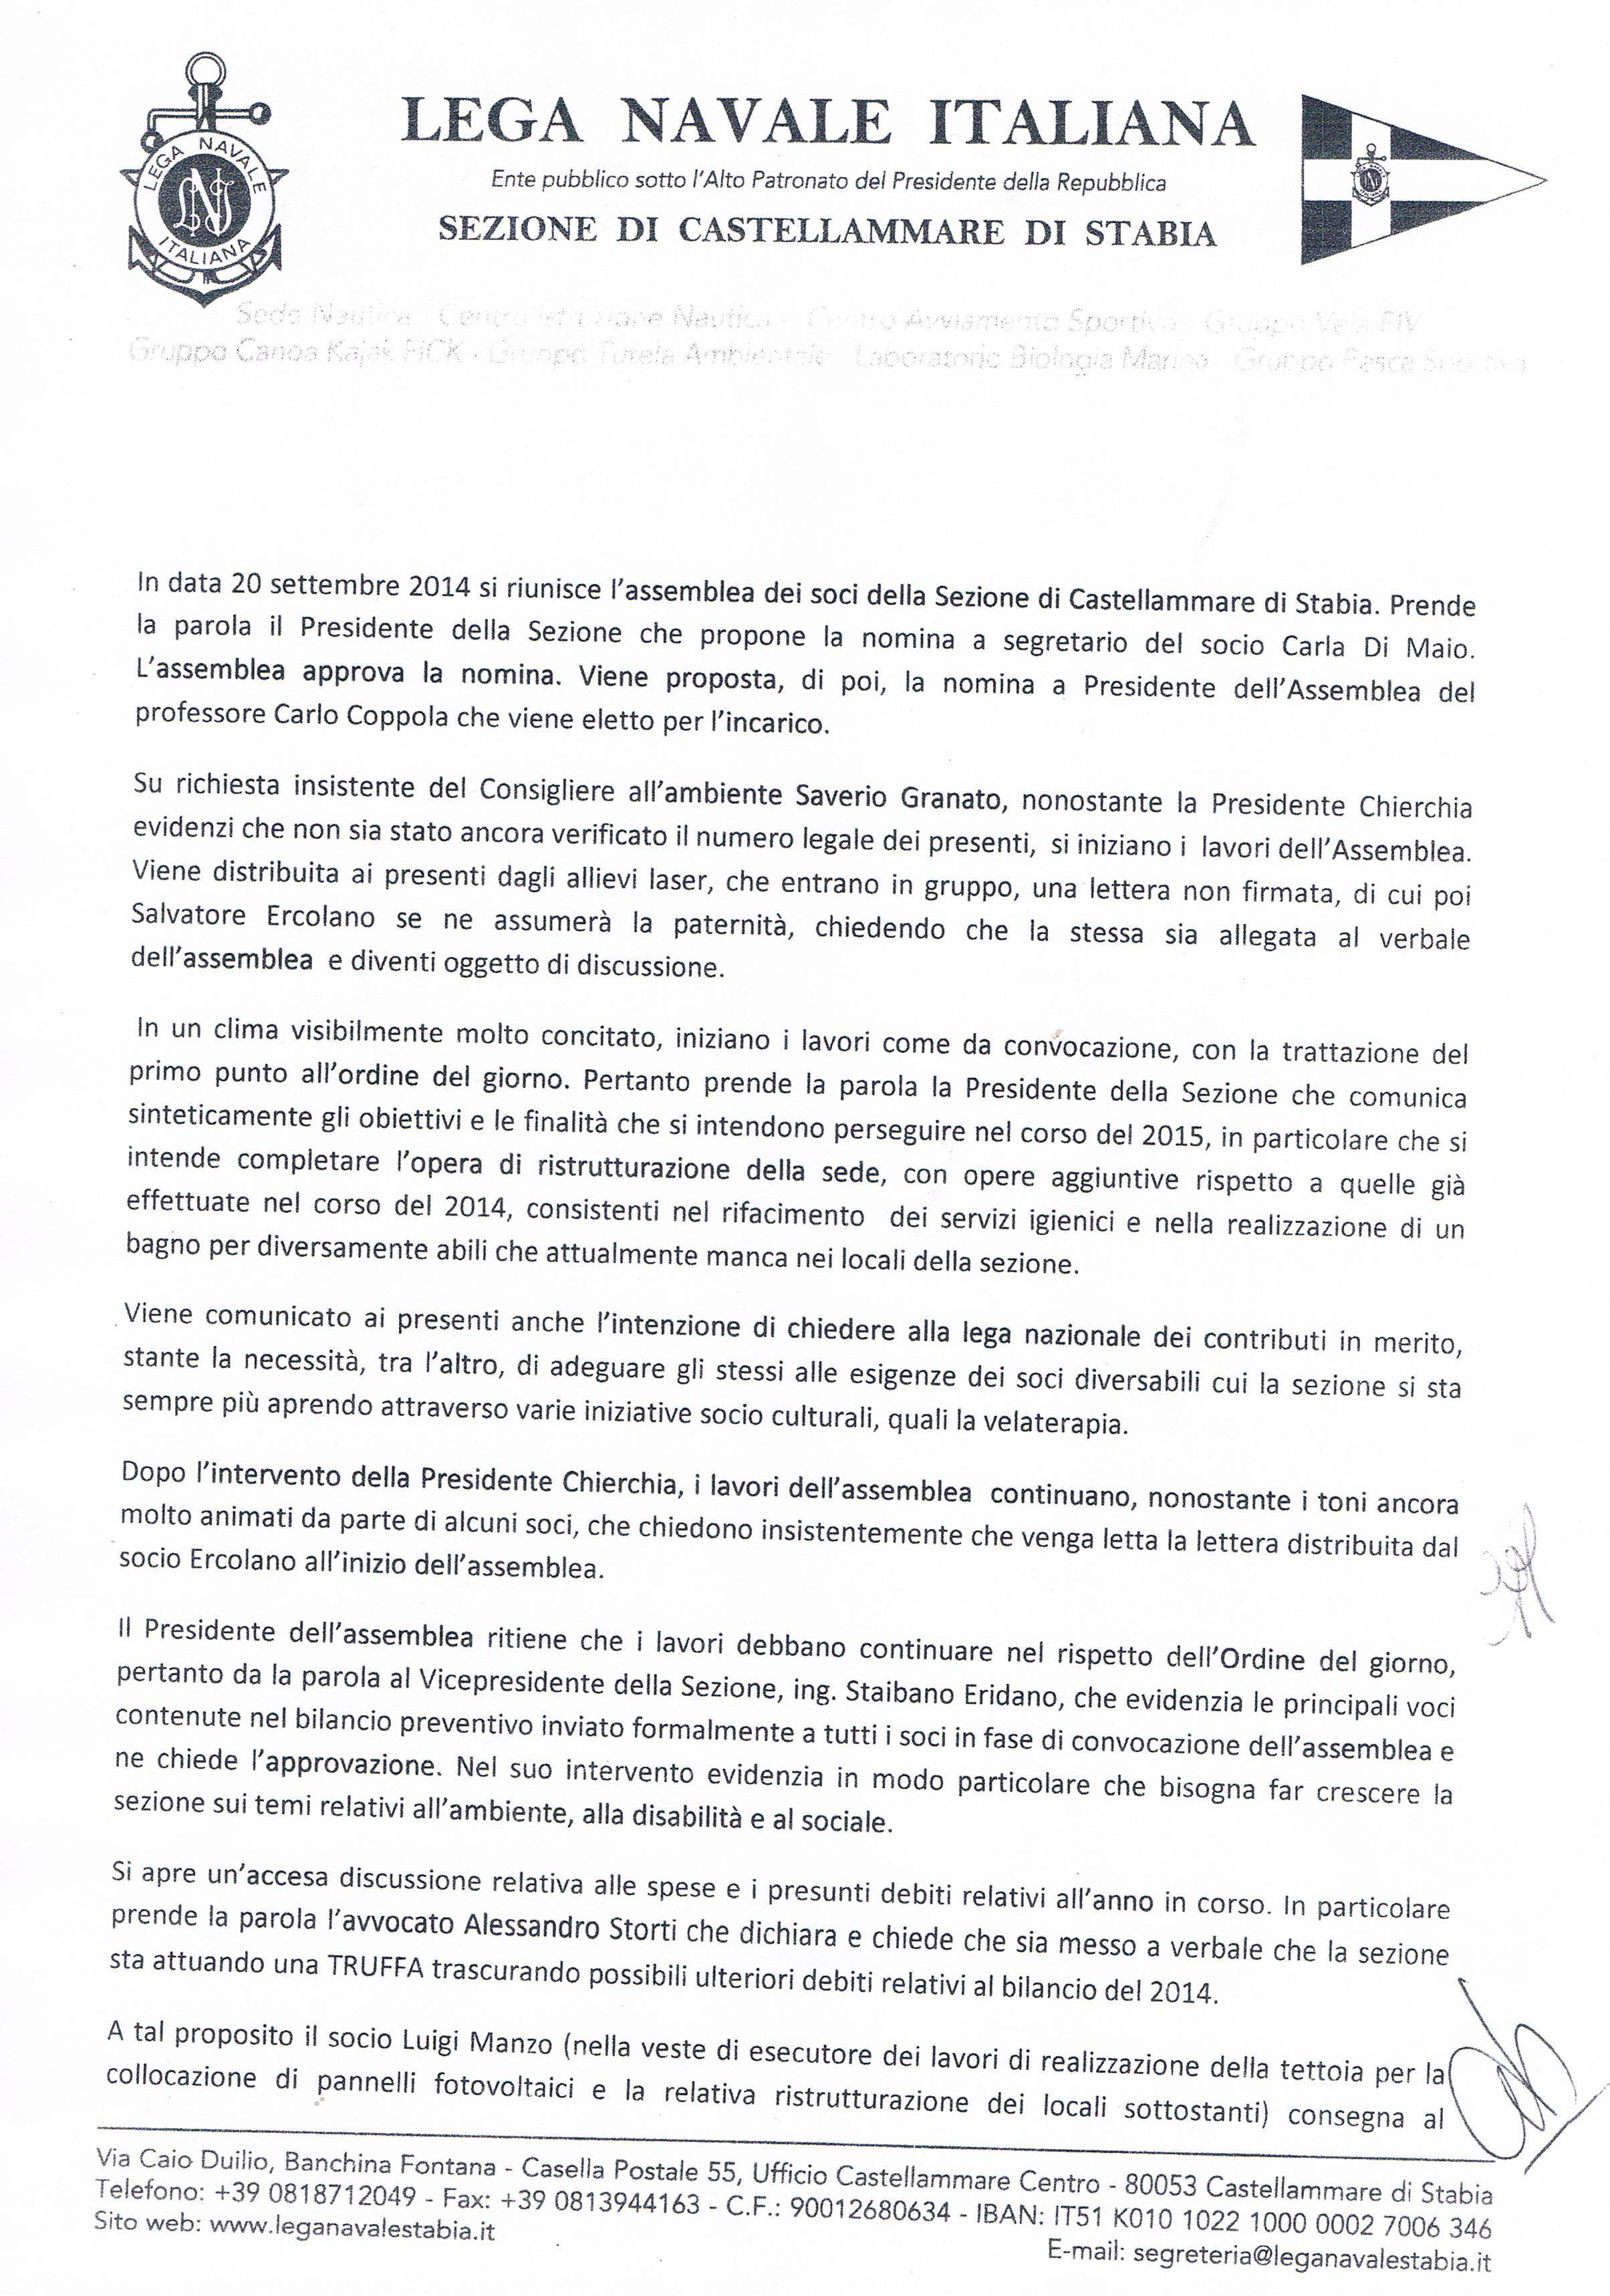 https://www.leganavalestabia.it/immagini_articoli/miniature/11417033929.jpg